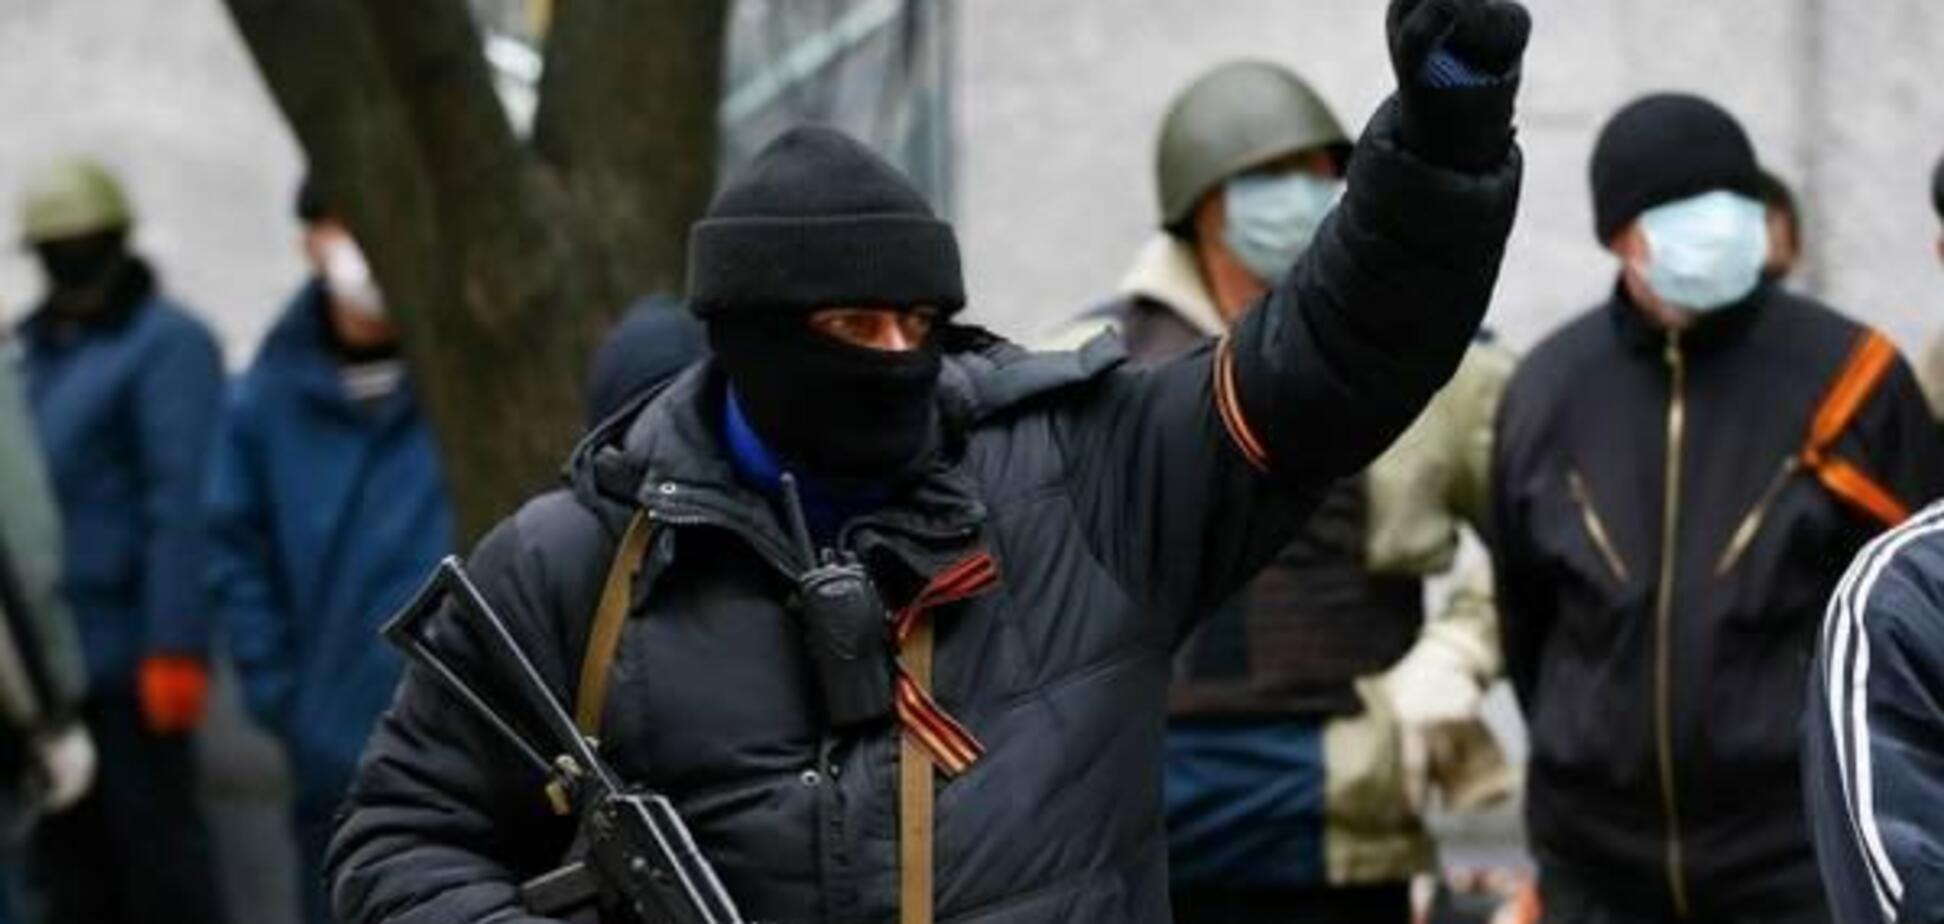 'Убивали под крики людей': бывшие узники 'ЛНР' рассказали о пытках в 'подвалах смерти'